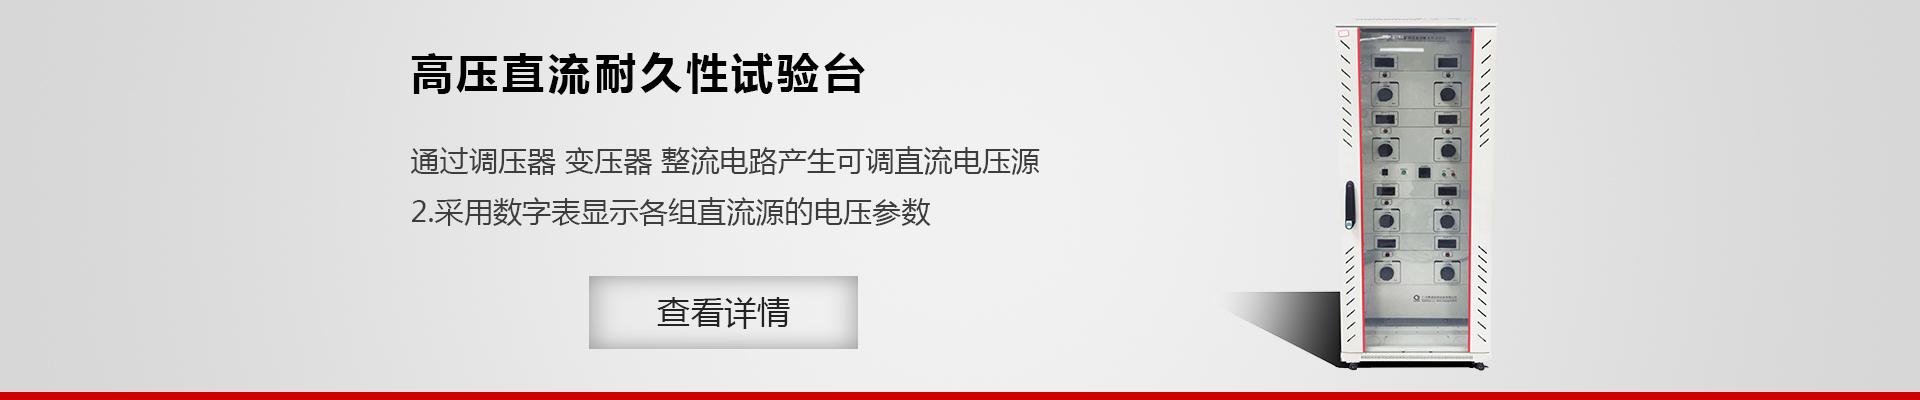 广州赛睿检测设备有限公司